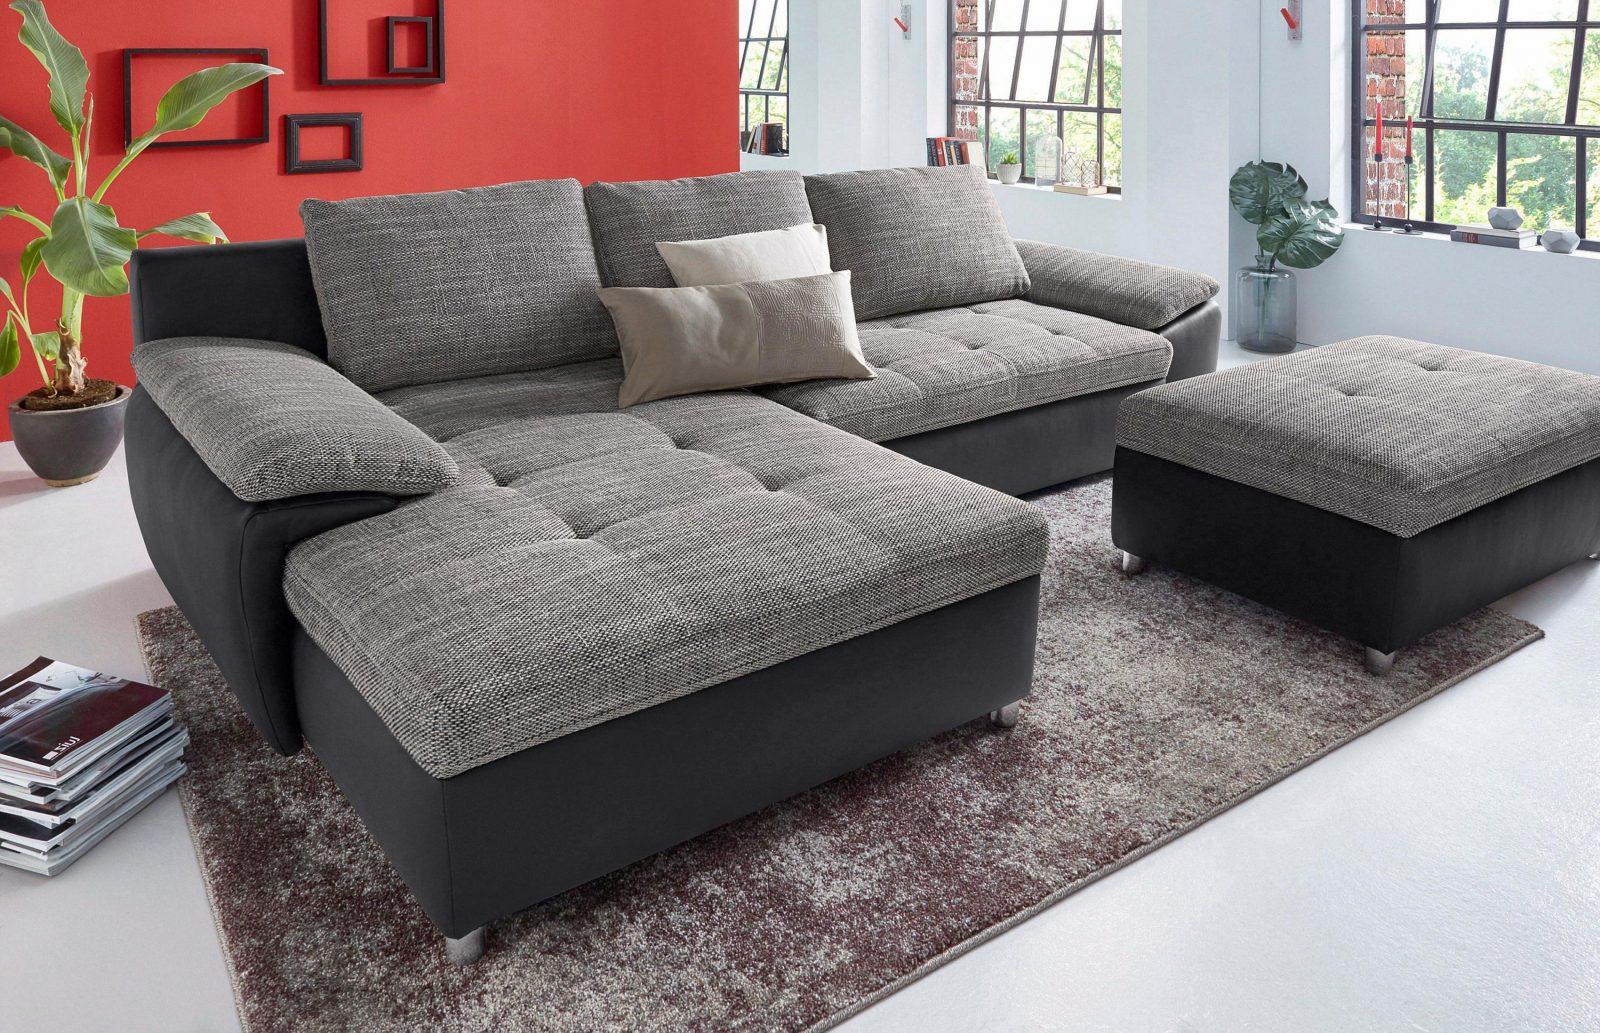 Sit&more Polsterecke Xxl Labene Wahlweise Mit Bettfunktion Und von Sit & More Polsterecke Photo